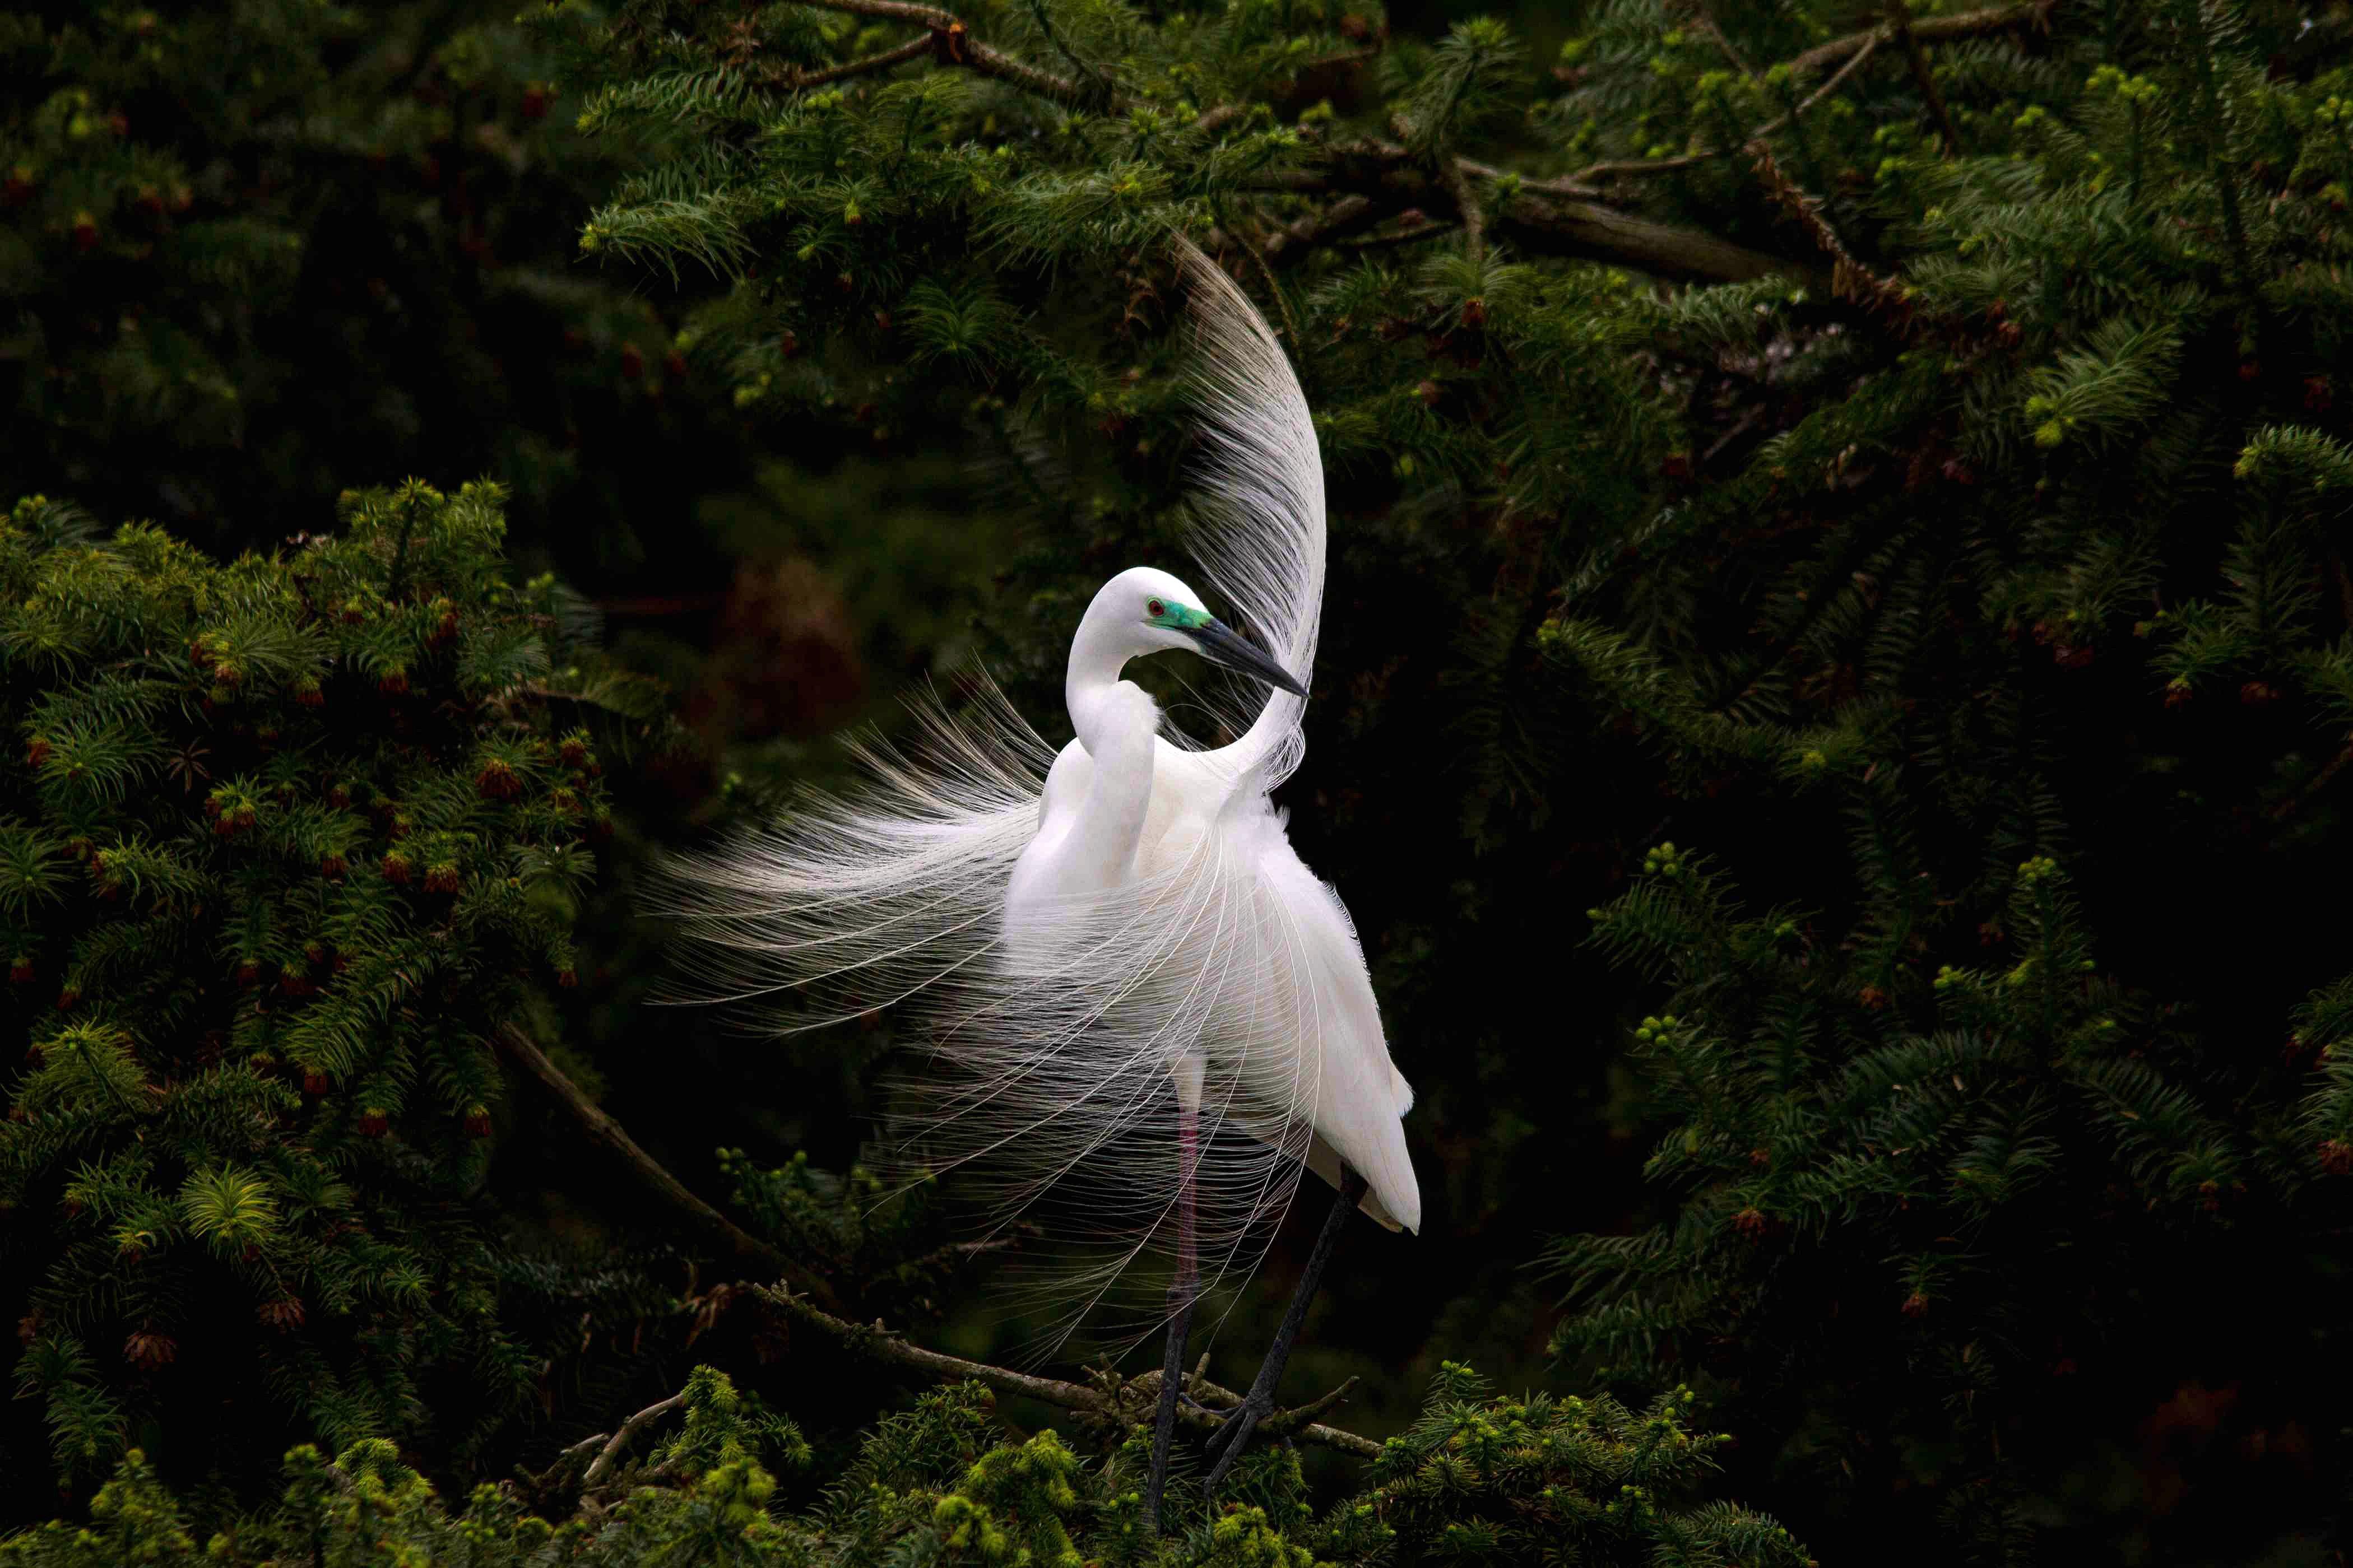 【我是达人】海上佛国:鸟人们最爱的世外桃源